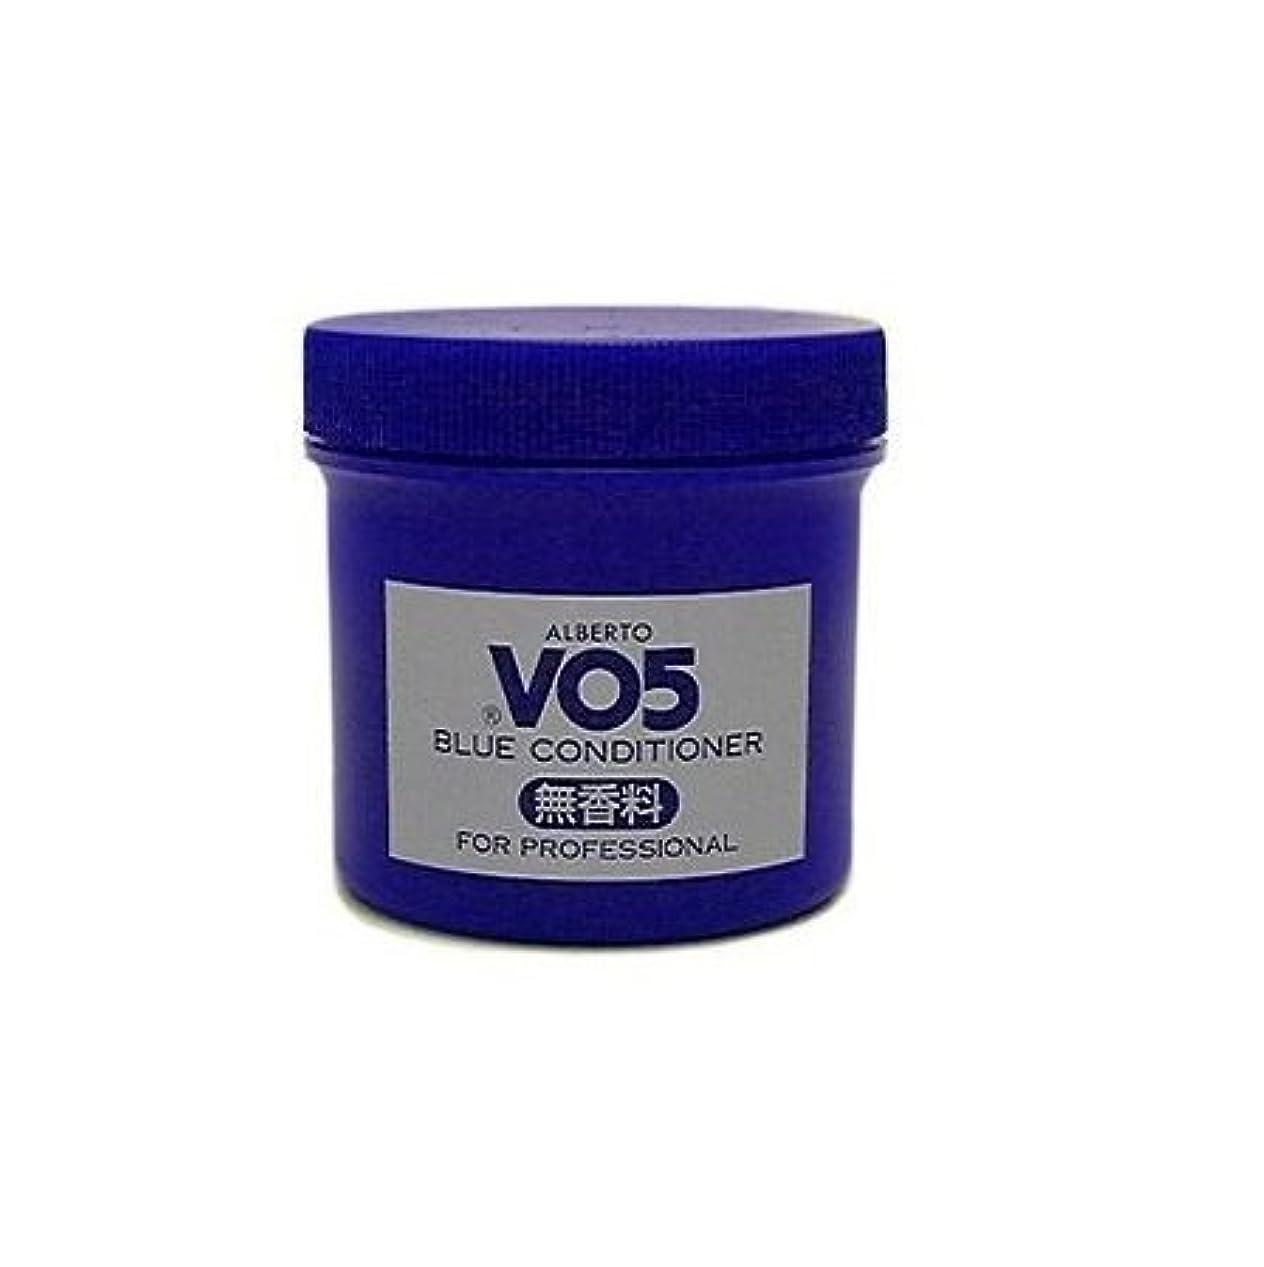 聞きますショップイルアルバートVO5コンソート ブルーコンディショナー 無香料<整髪料>250g